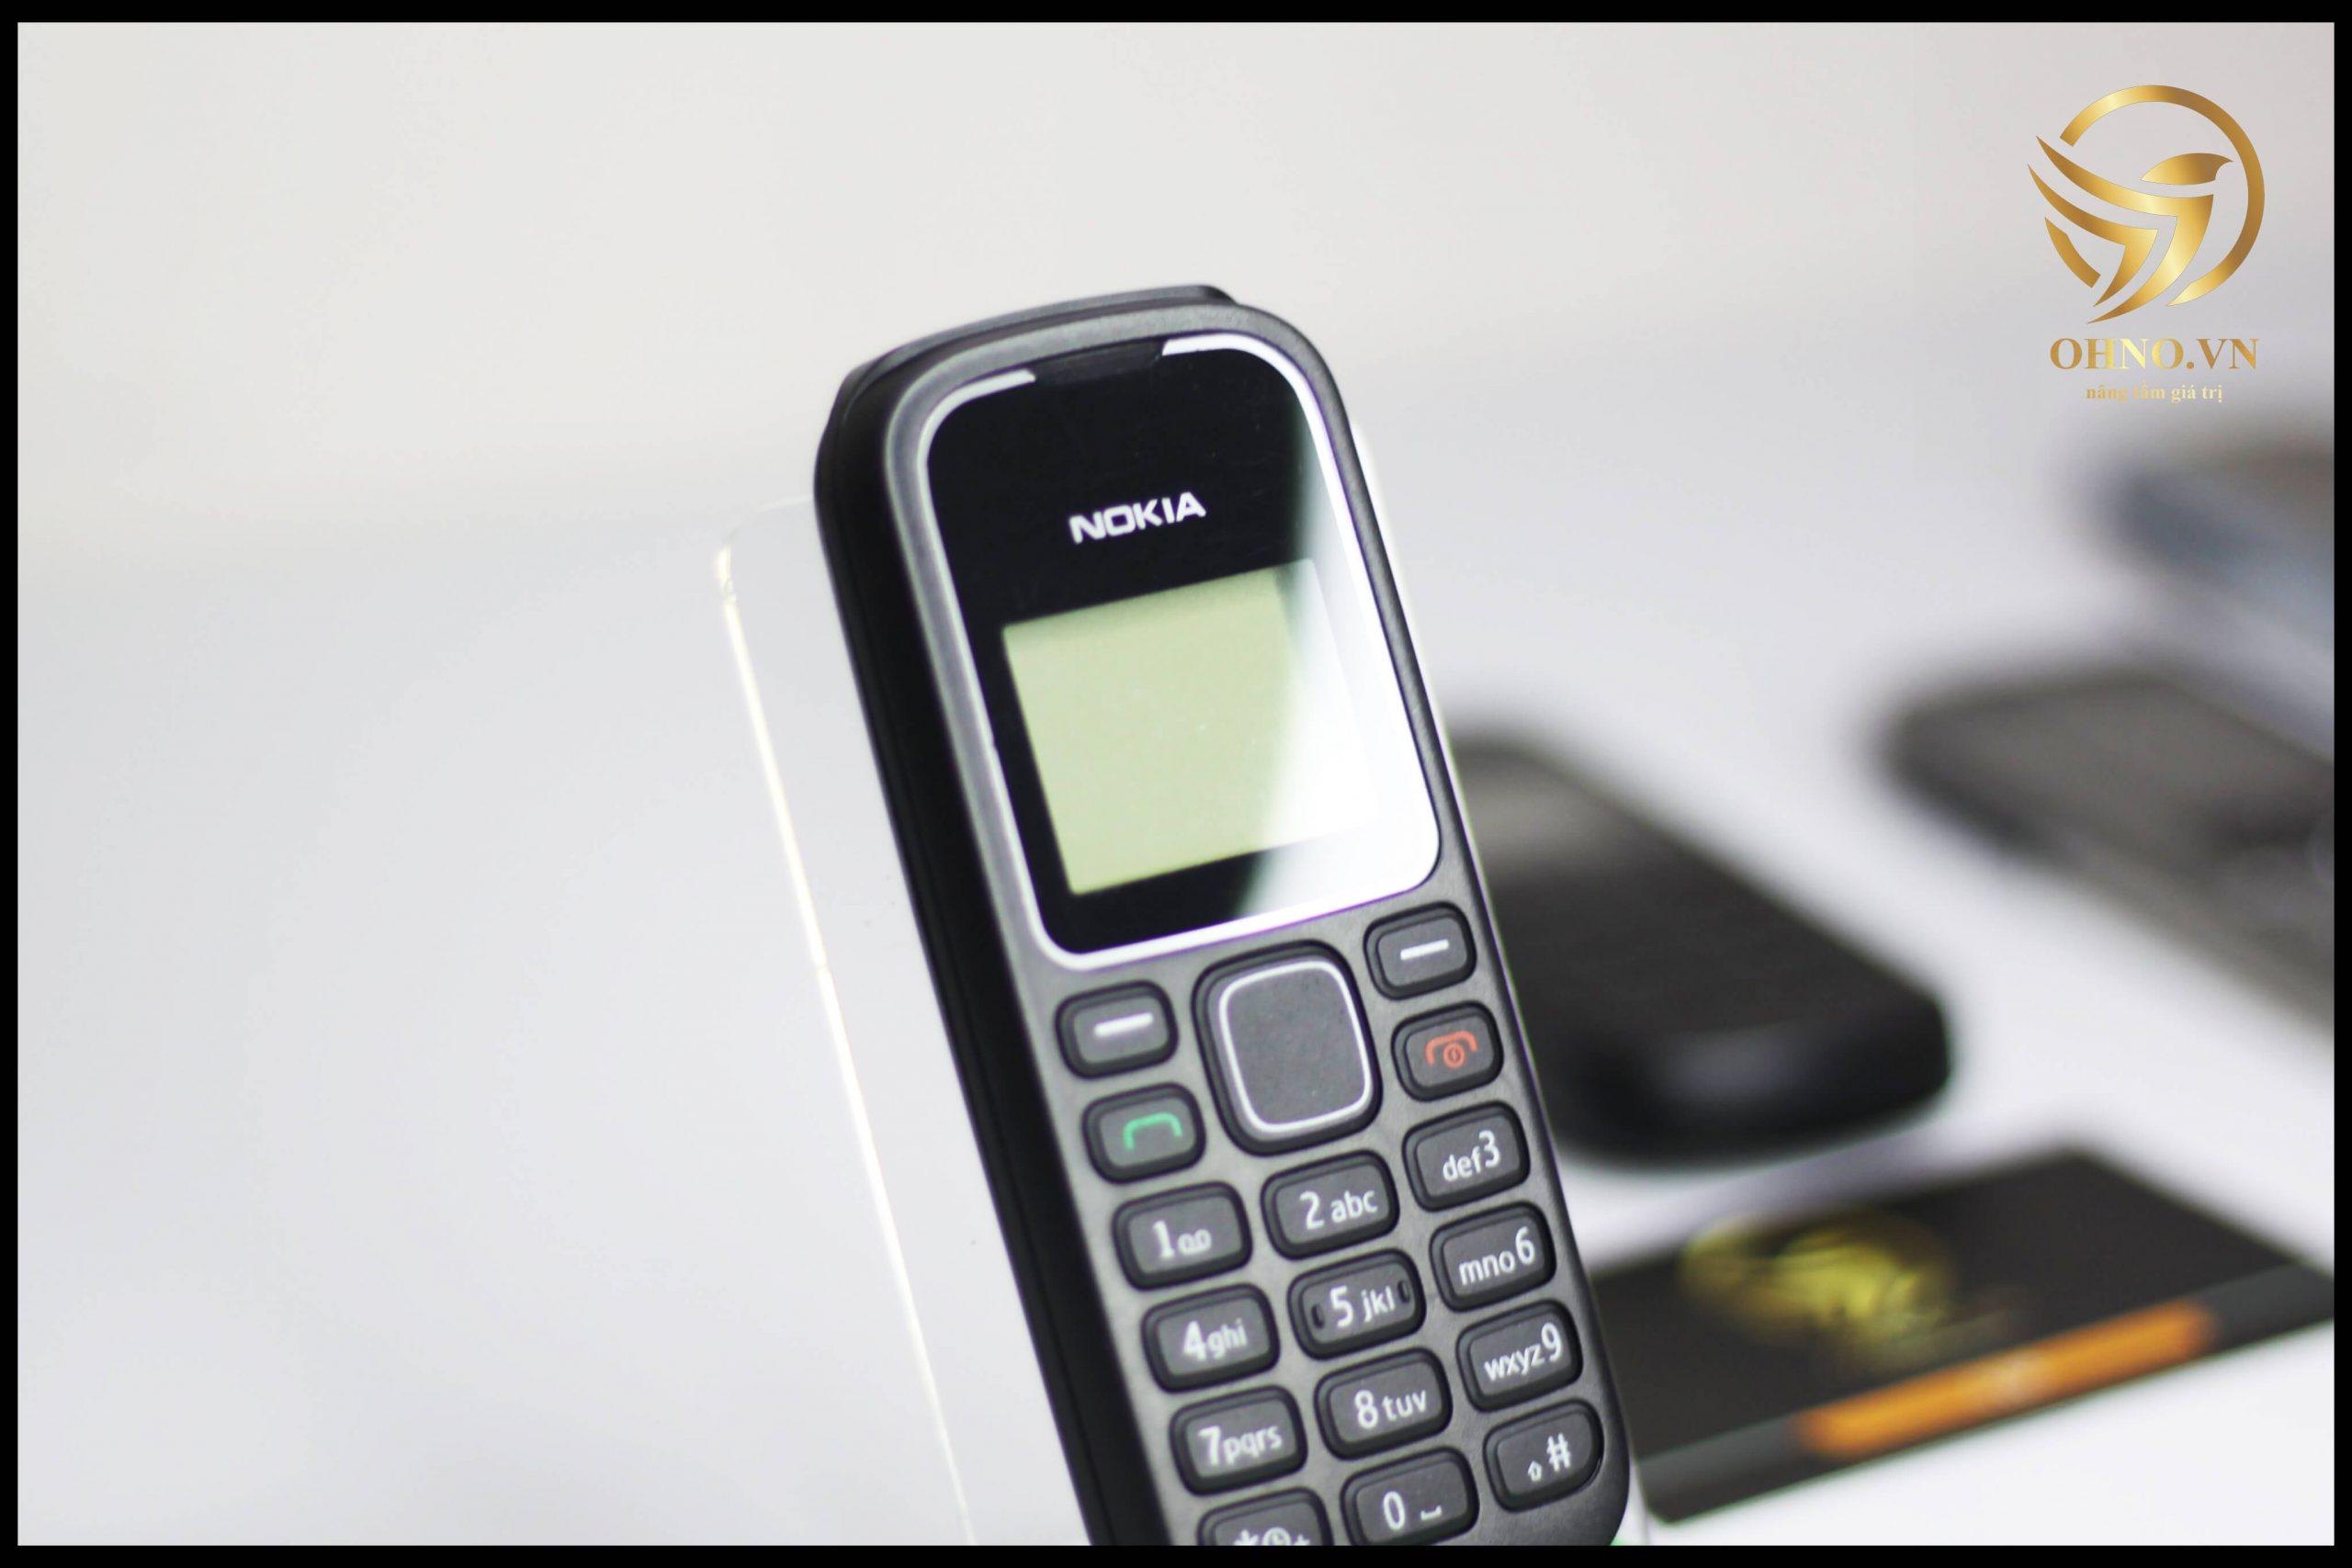 điện thoại nokia chính hãng 1280